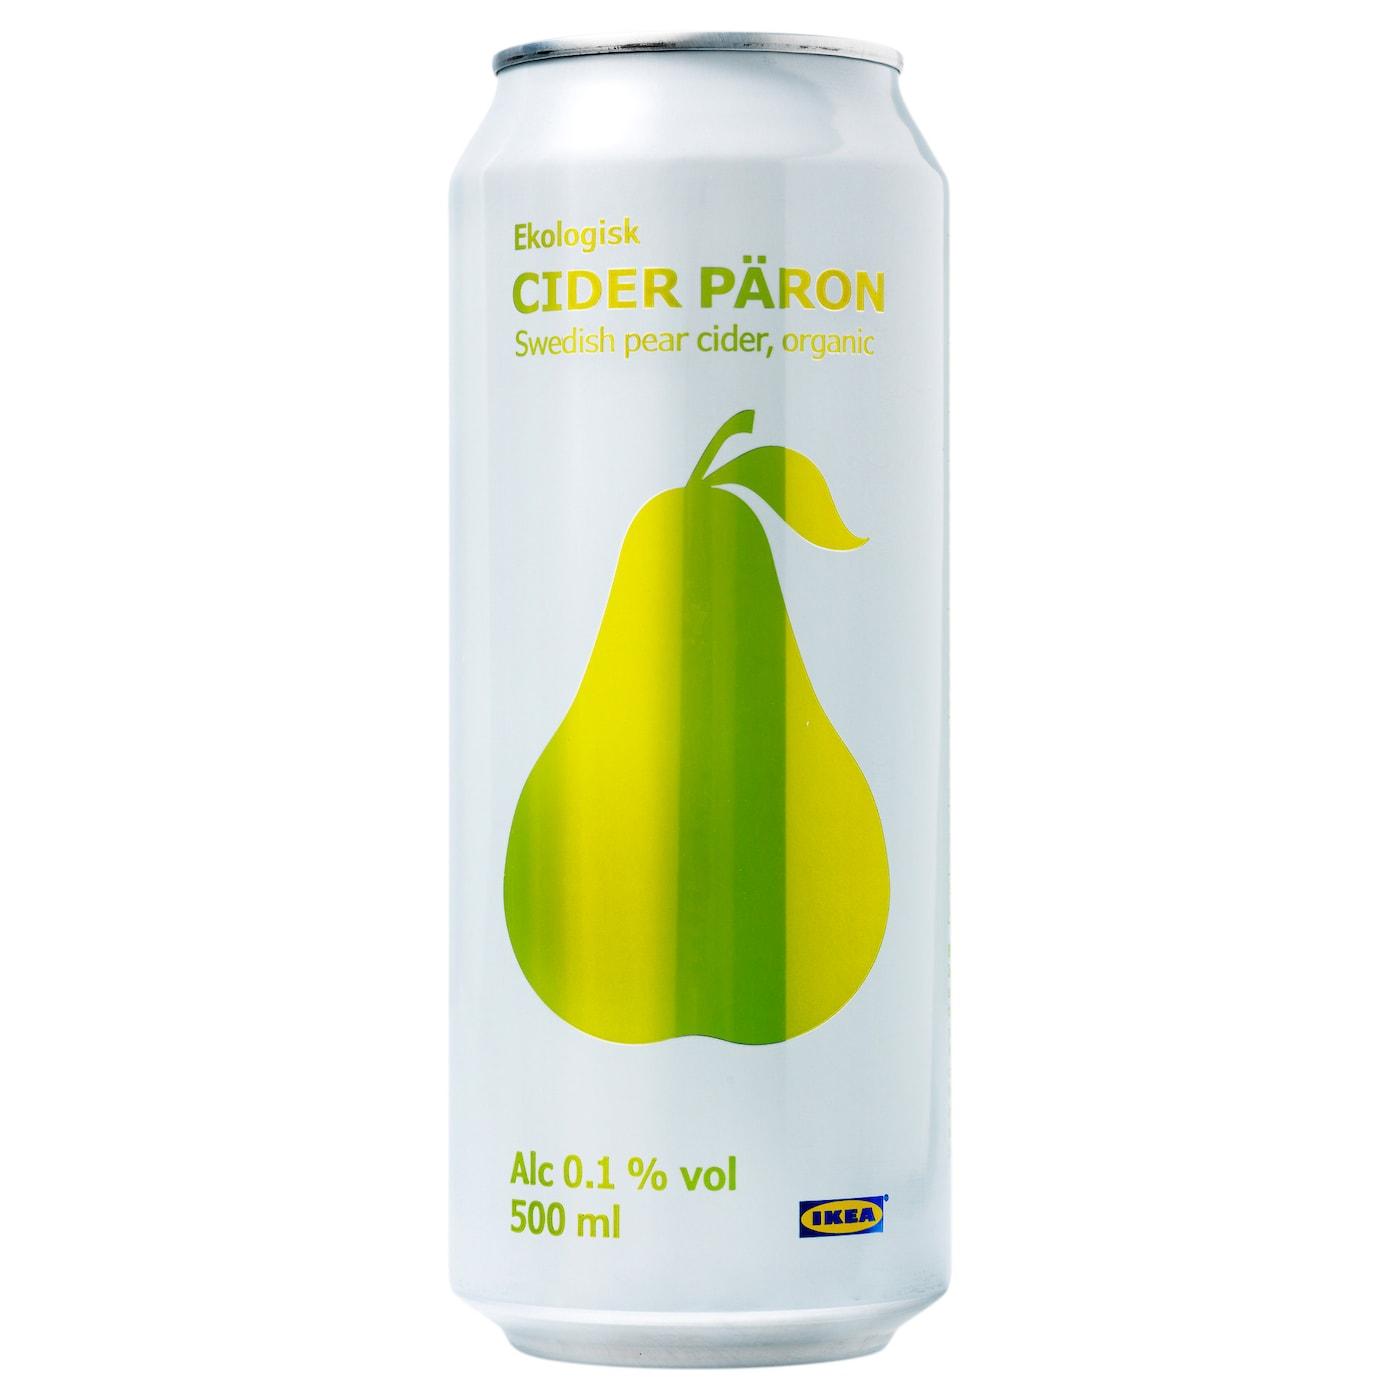 cider-paeron-pear-cider-0-1-__0443151_PE